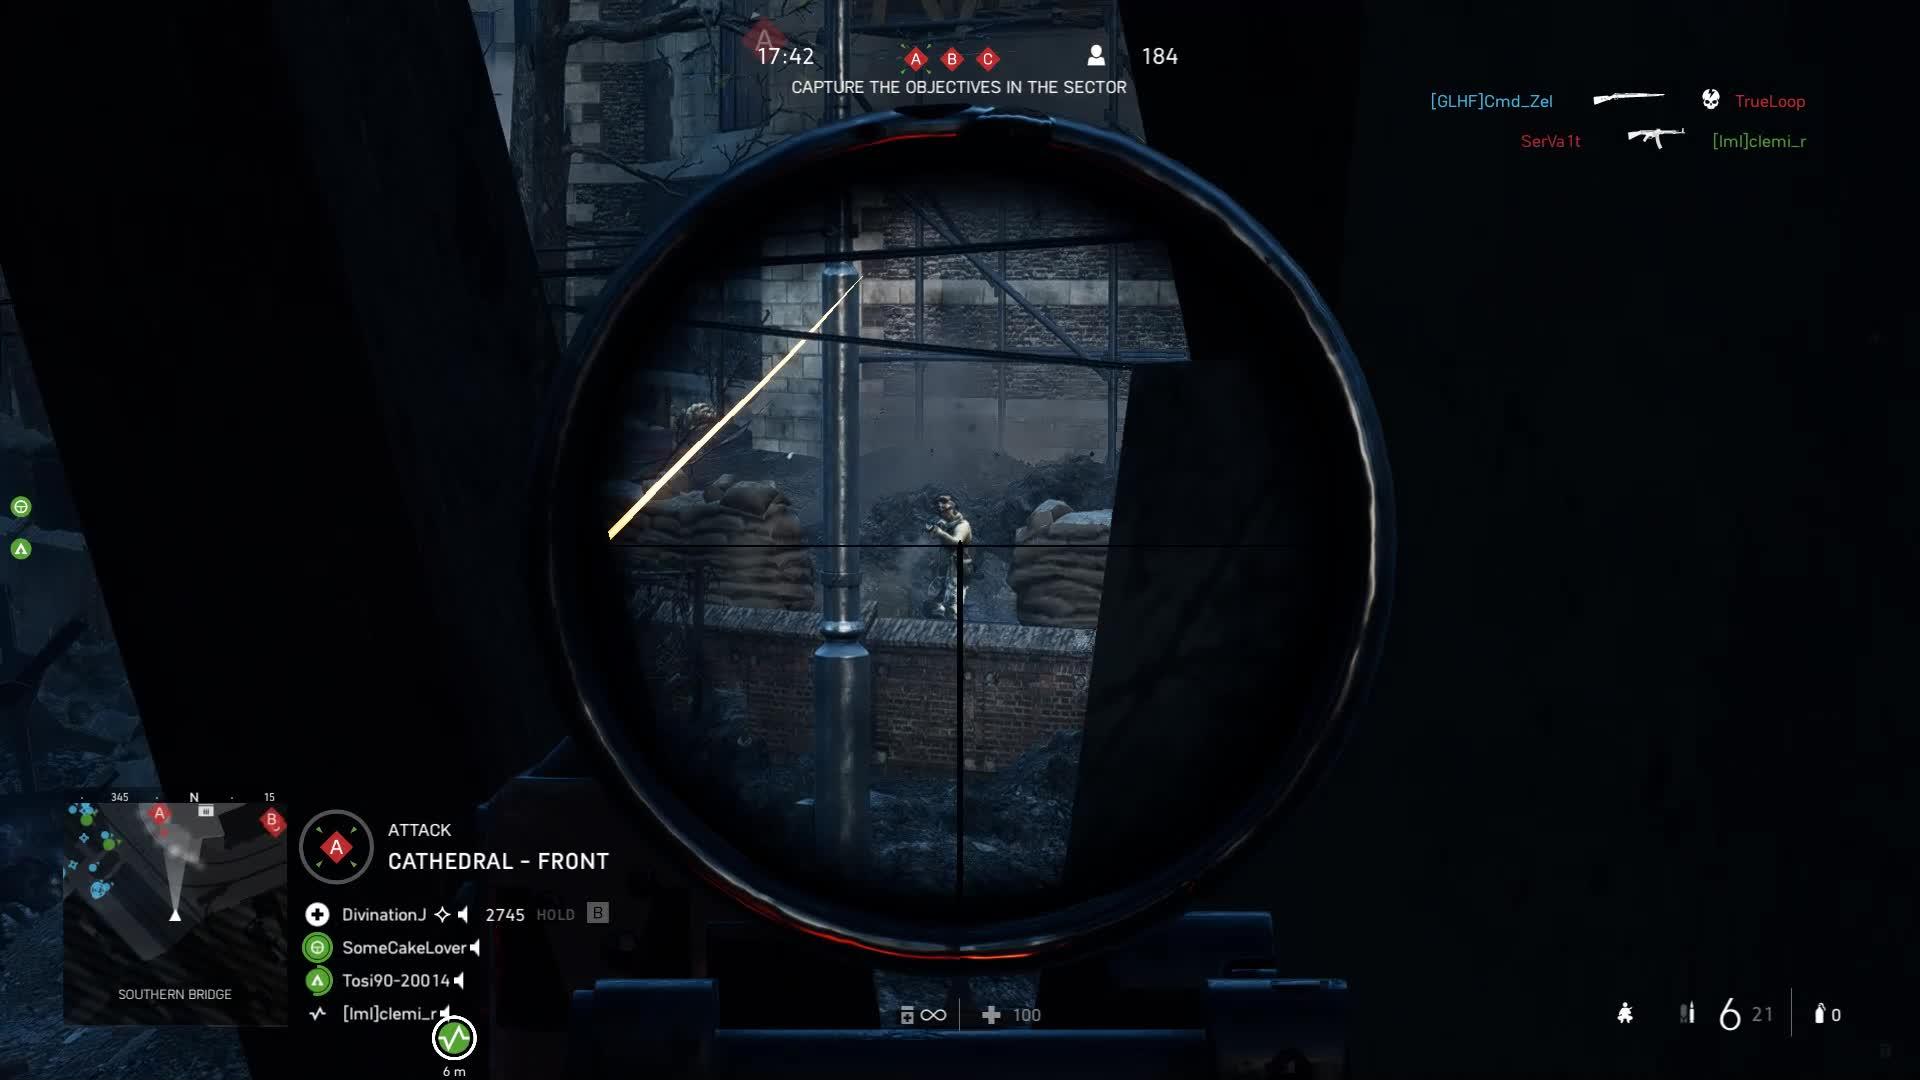 battlefield 5, battlefield v, bf5, bfv, bfv medic, bolt action carbine, Remember, Kill the medics first! GIFs